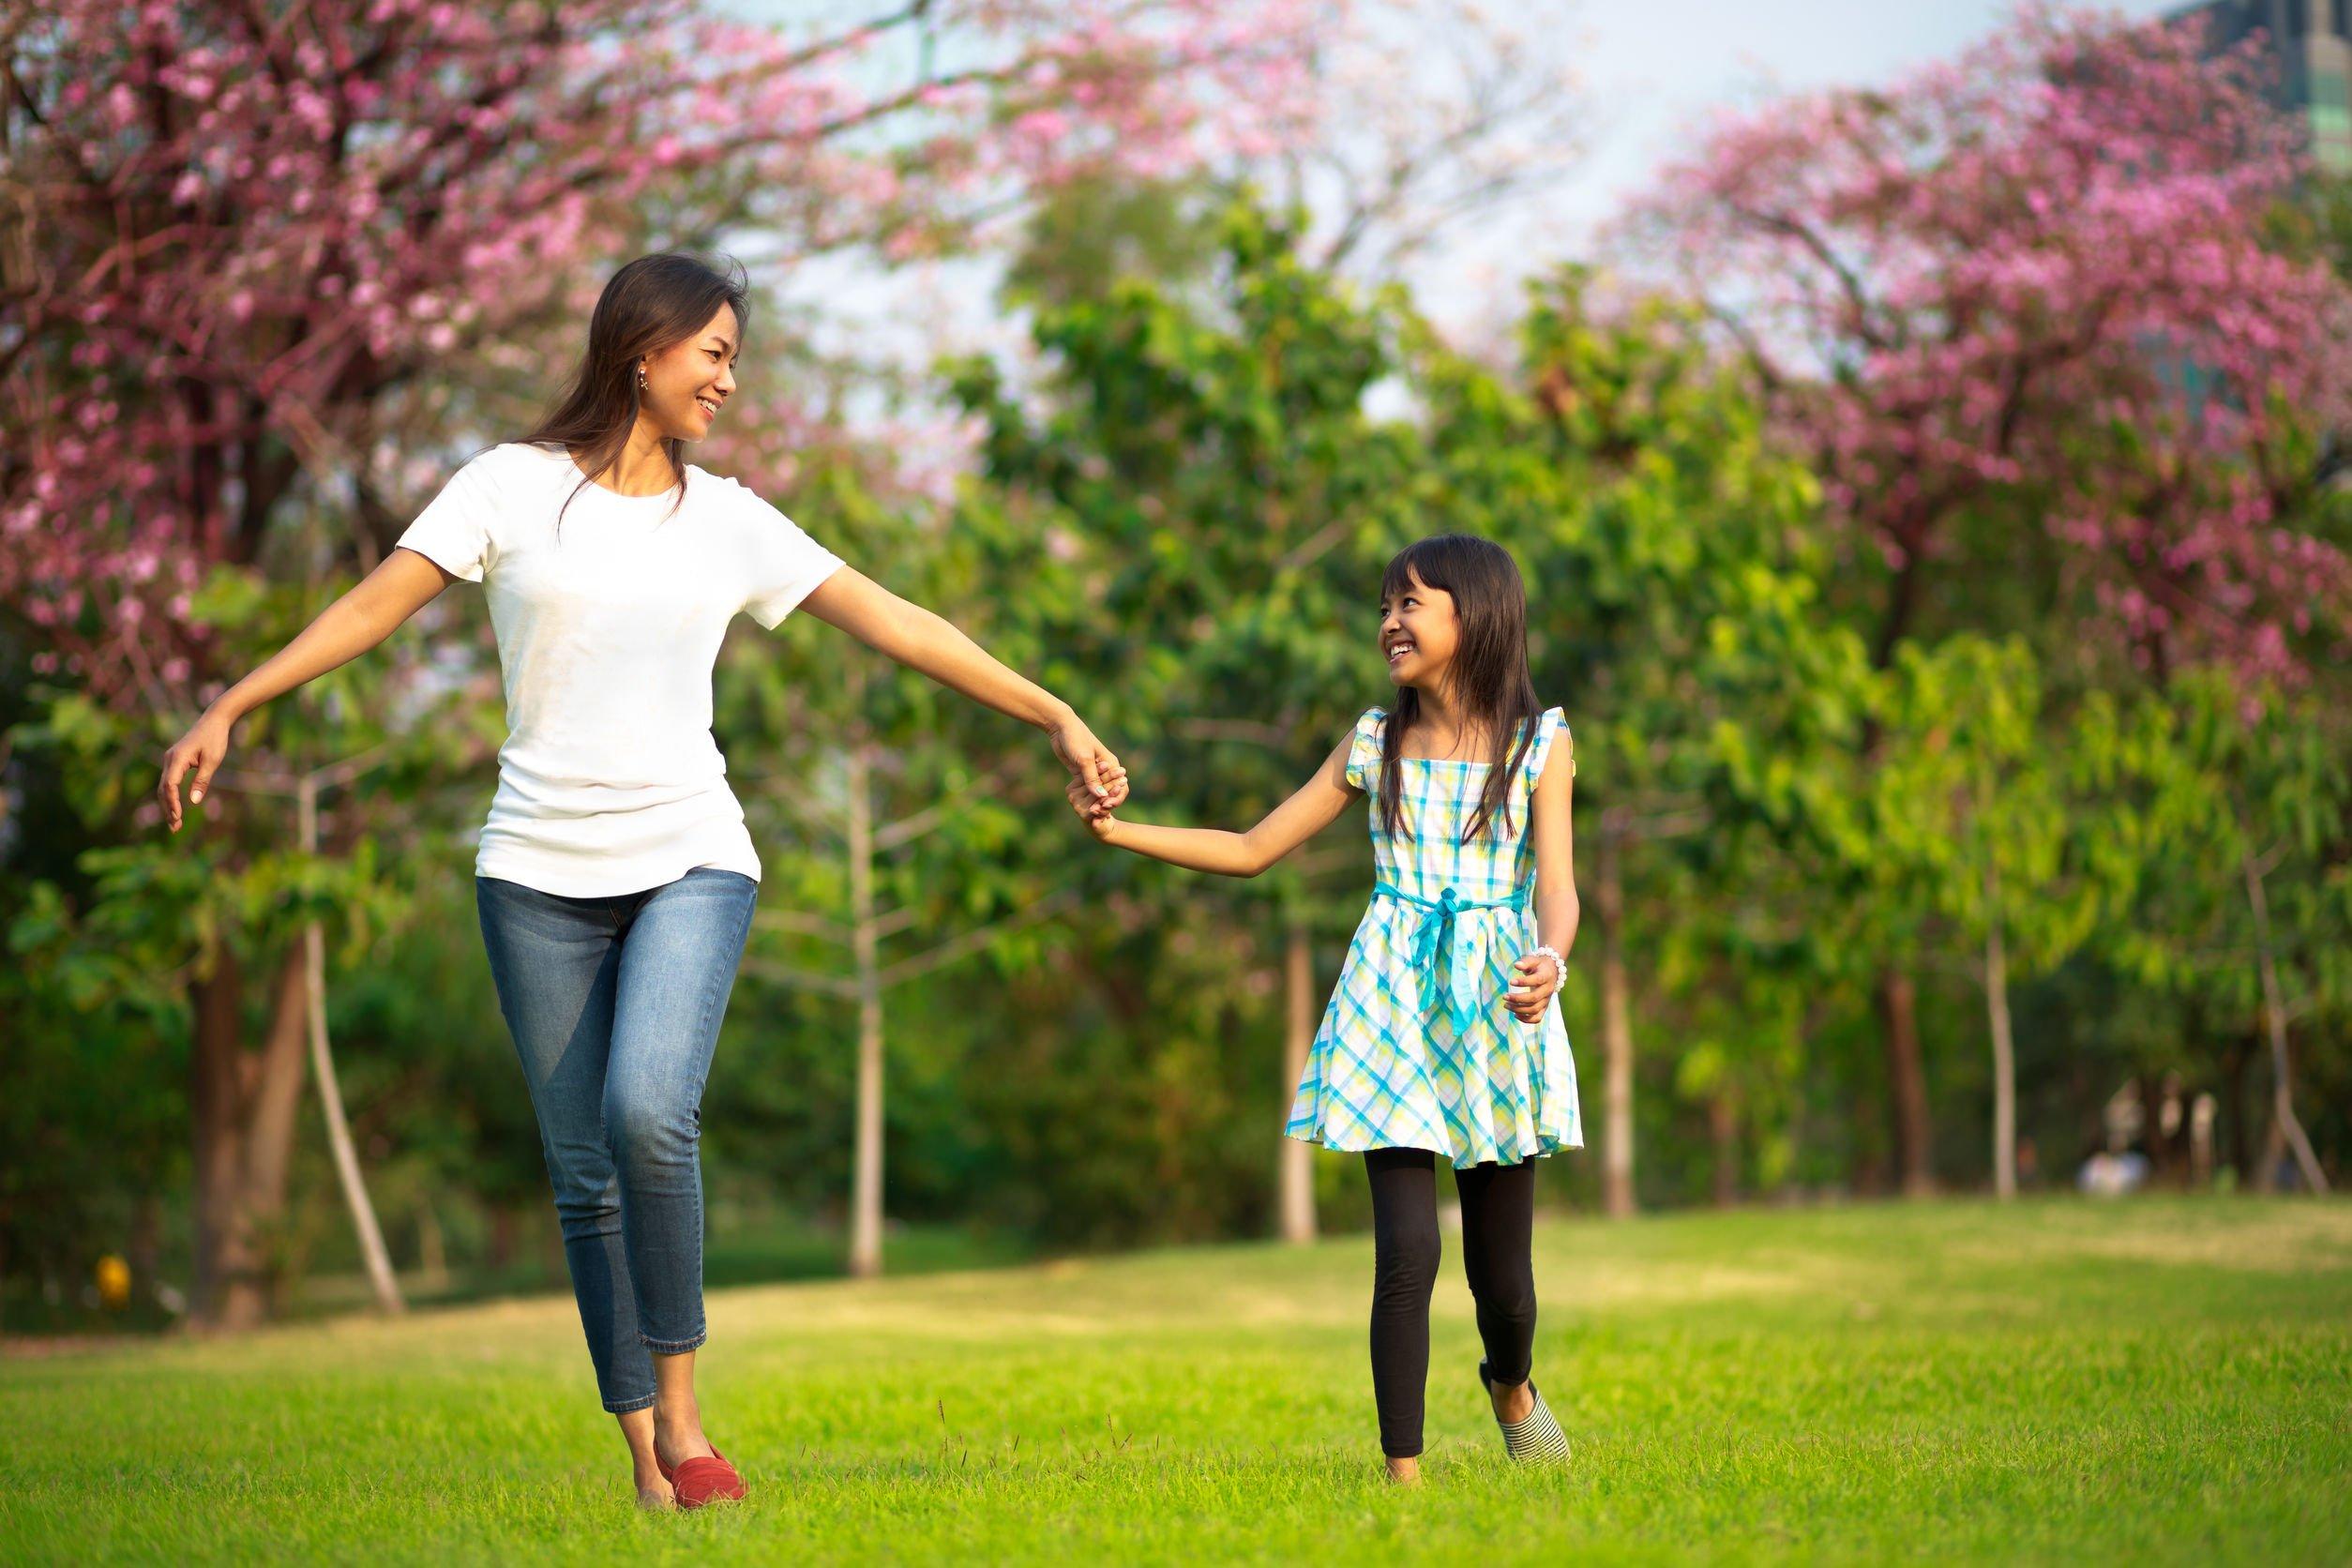 De Sobrinha Para Tia Amor Que Ultrapassa Gerações